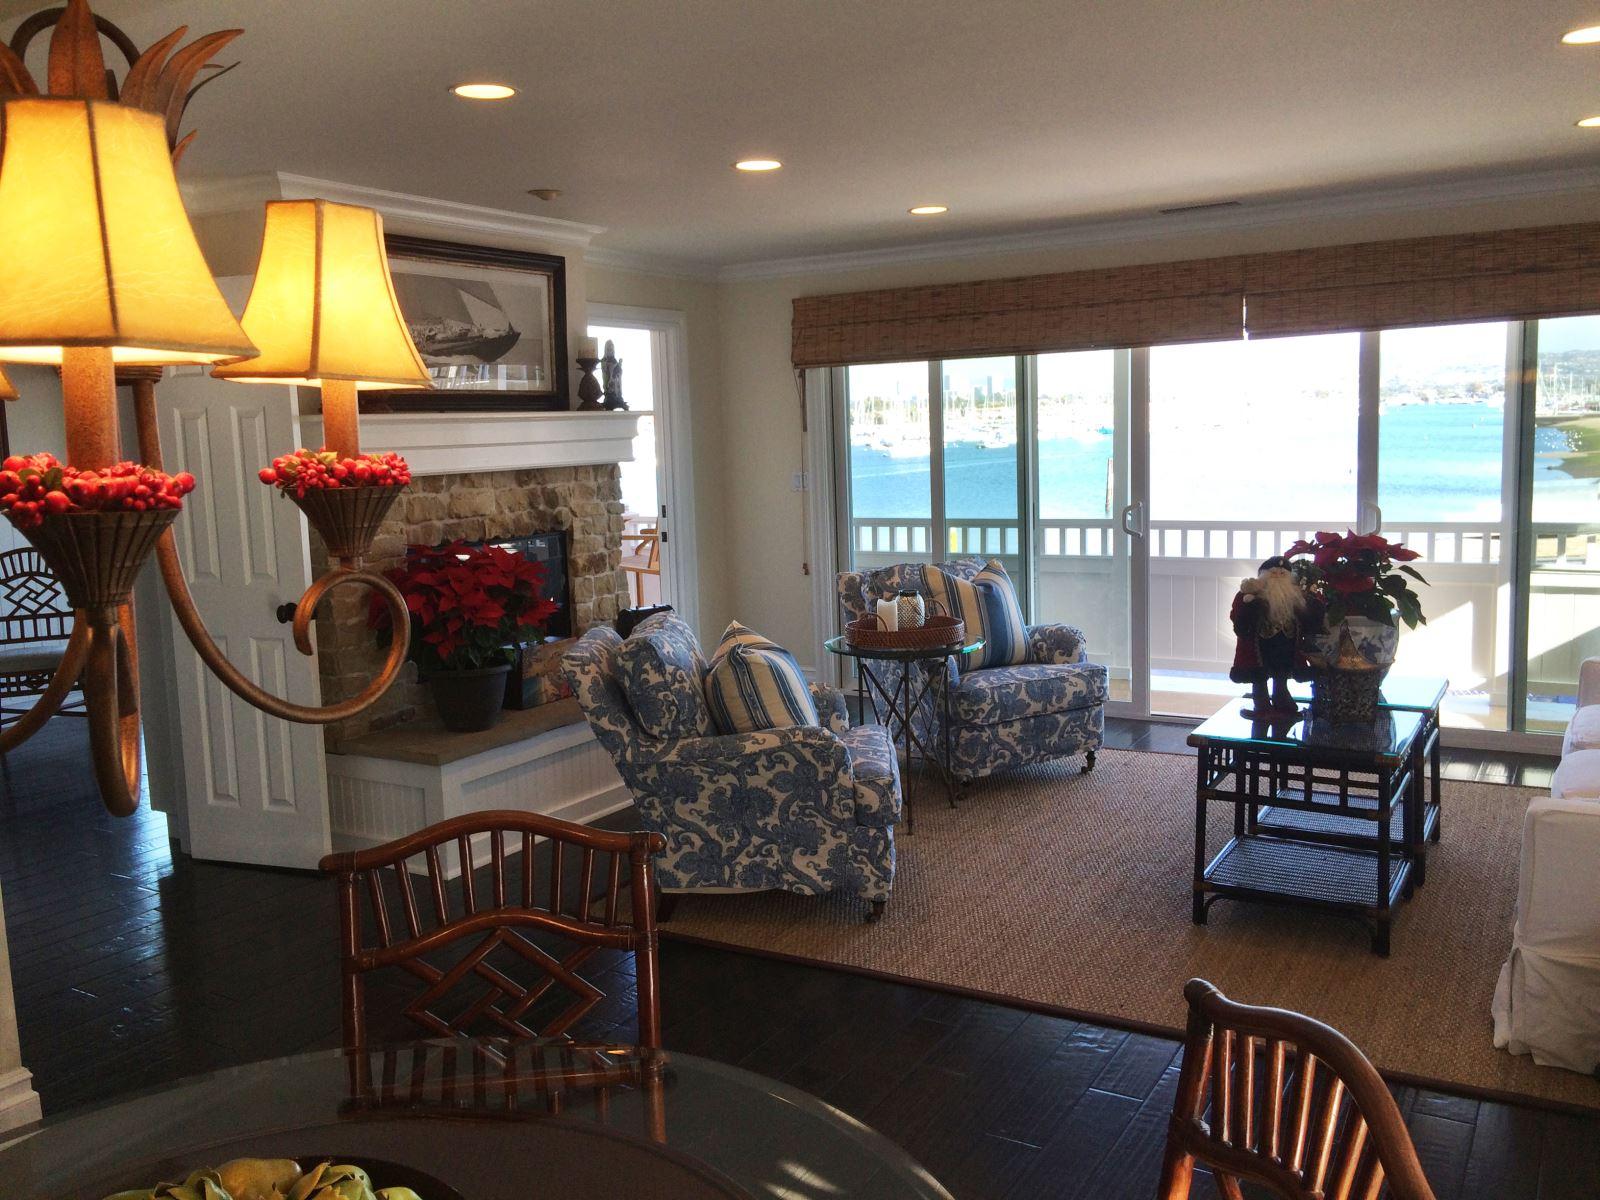 Casa de Balboa Newport Beach Vacation Rentals